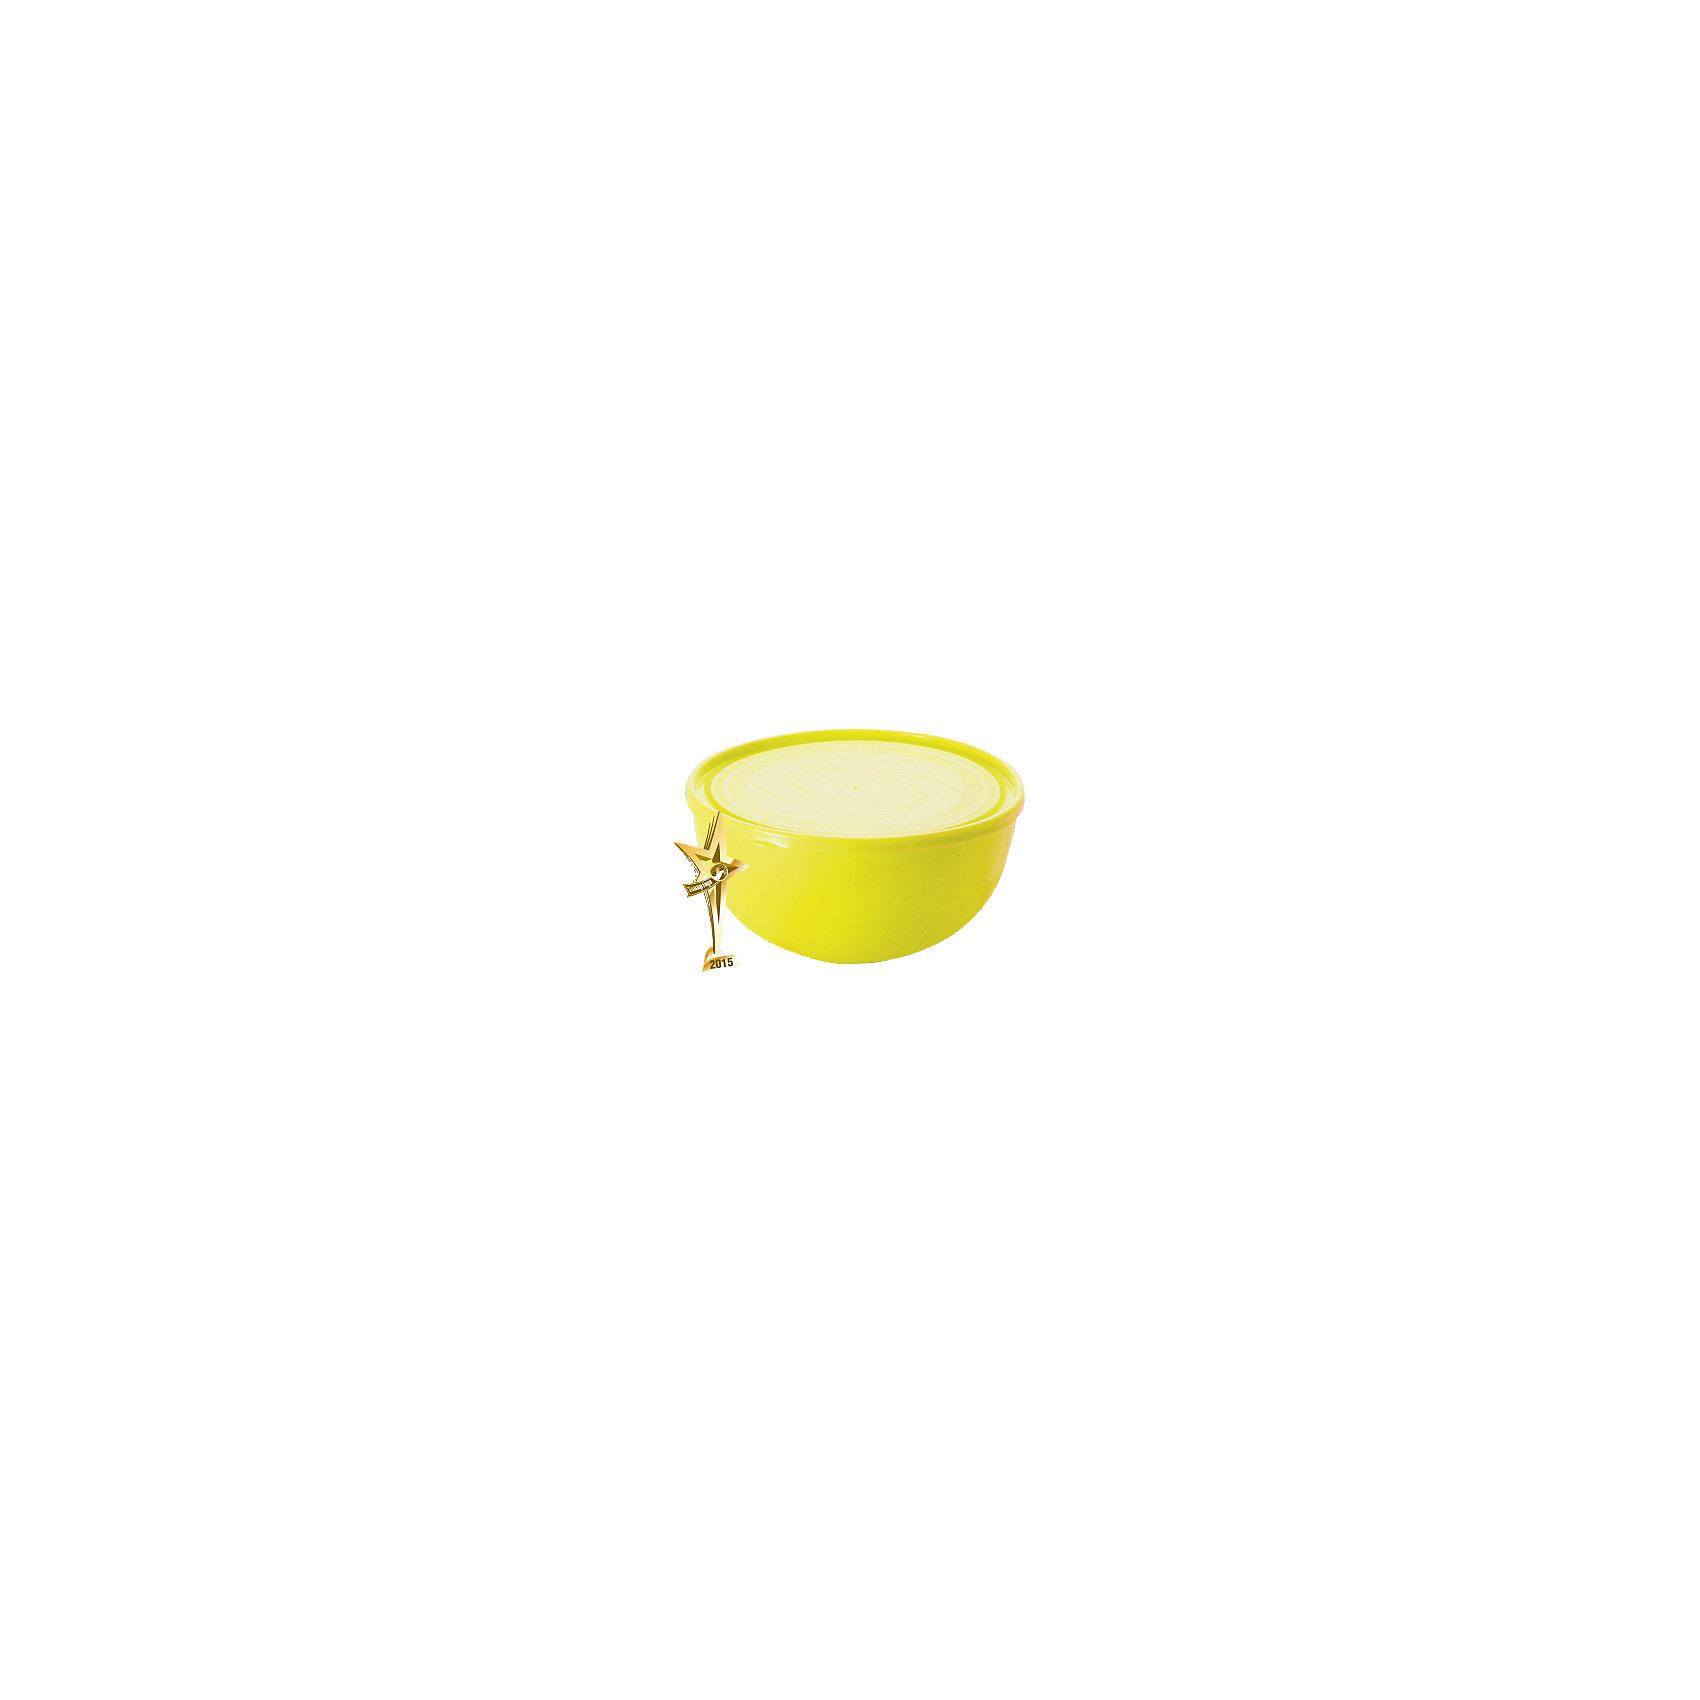 Салатник Galaxy 2,5 л с крышкой, Plastic CentreНаш многофункциональный салатник с крышкой прекрасно подходит как для приготовления, так и для подачи различных блюд на стол. Лаконичный дизайн впишется в любую обстановку кухни. Крышка сохранит свежесть приготовленных блюд.<br><br>Ширина мм: 218<br>Глубина мм: 212<br>Высота мм: 105<br>Вес г: 174<br>Возраст от месяцев: 216<br>Возраст до месяцев: 1188<br>Пол: Унисекс<br>Возраст: Детский<br>SKU: 5545694